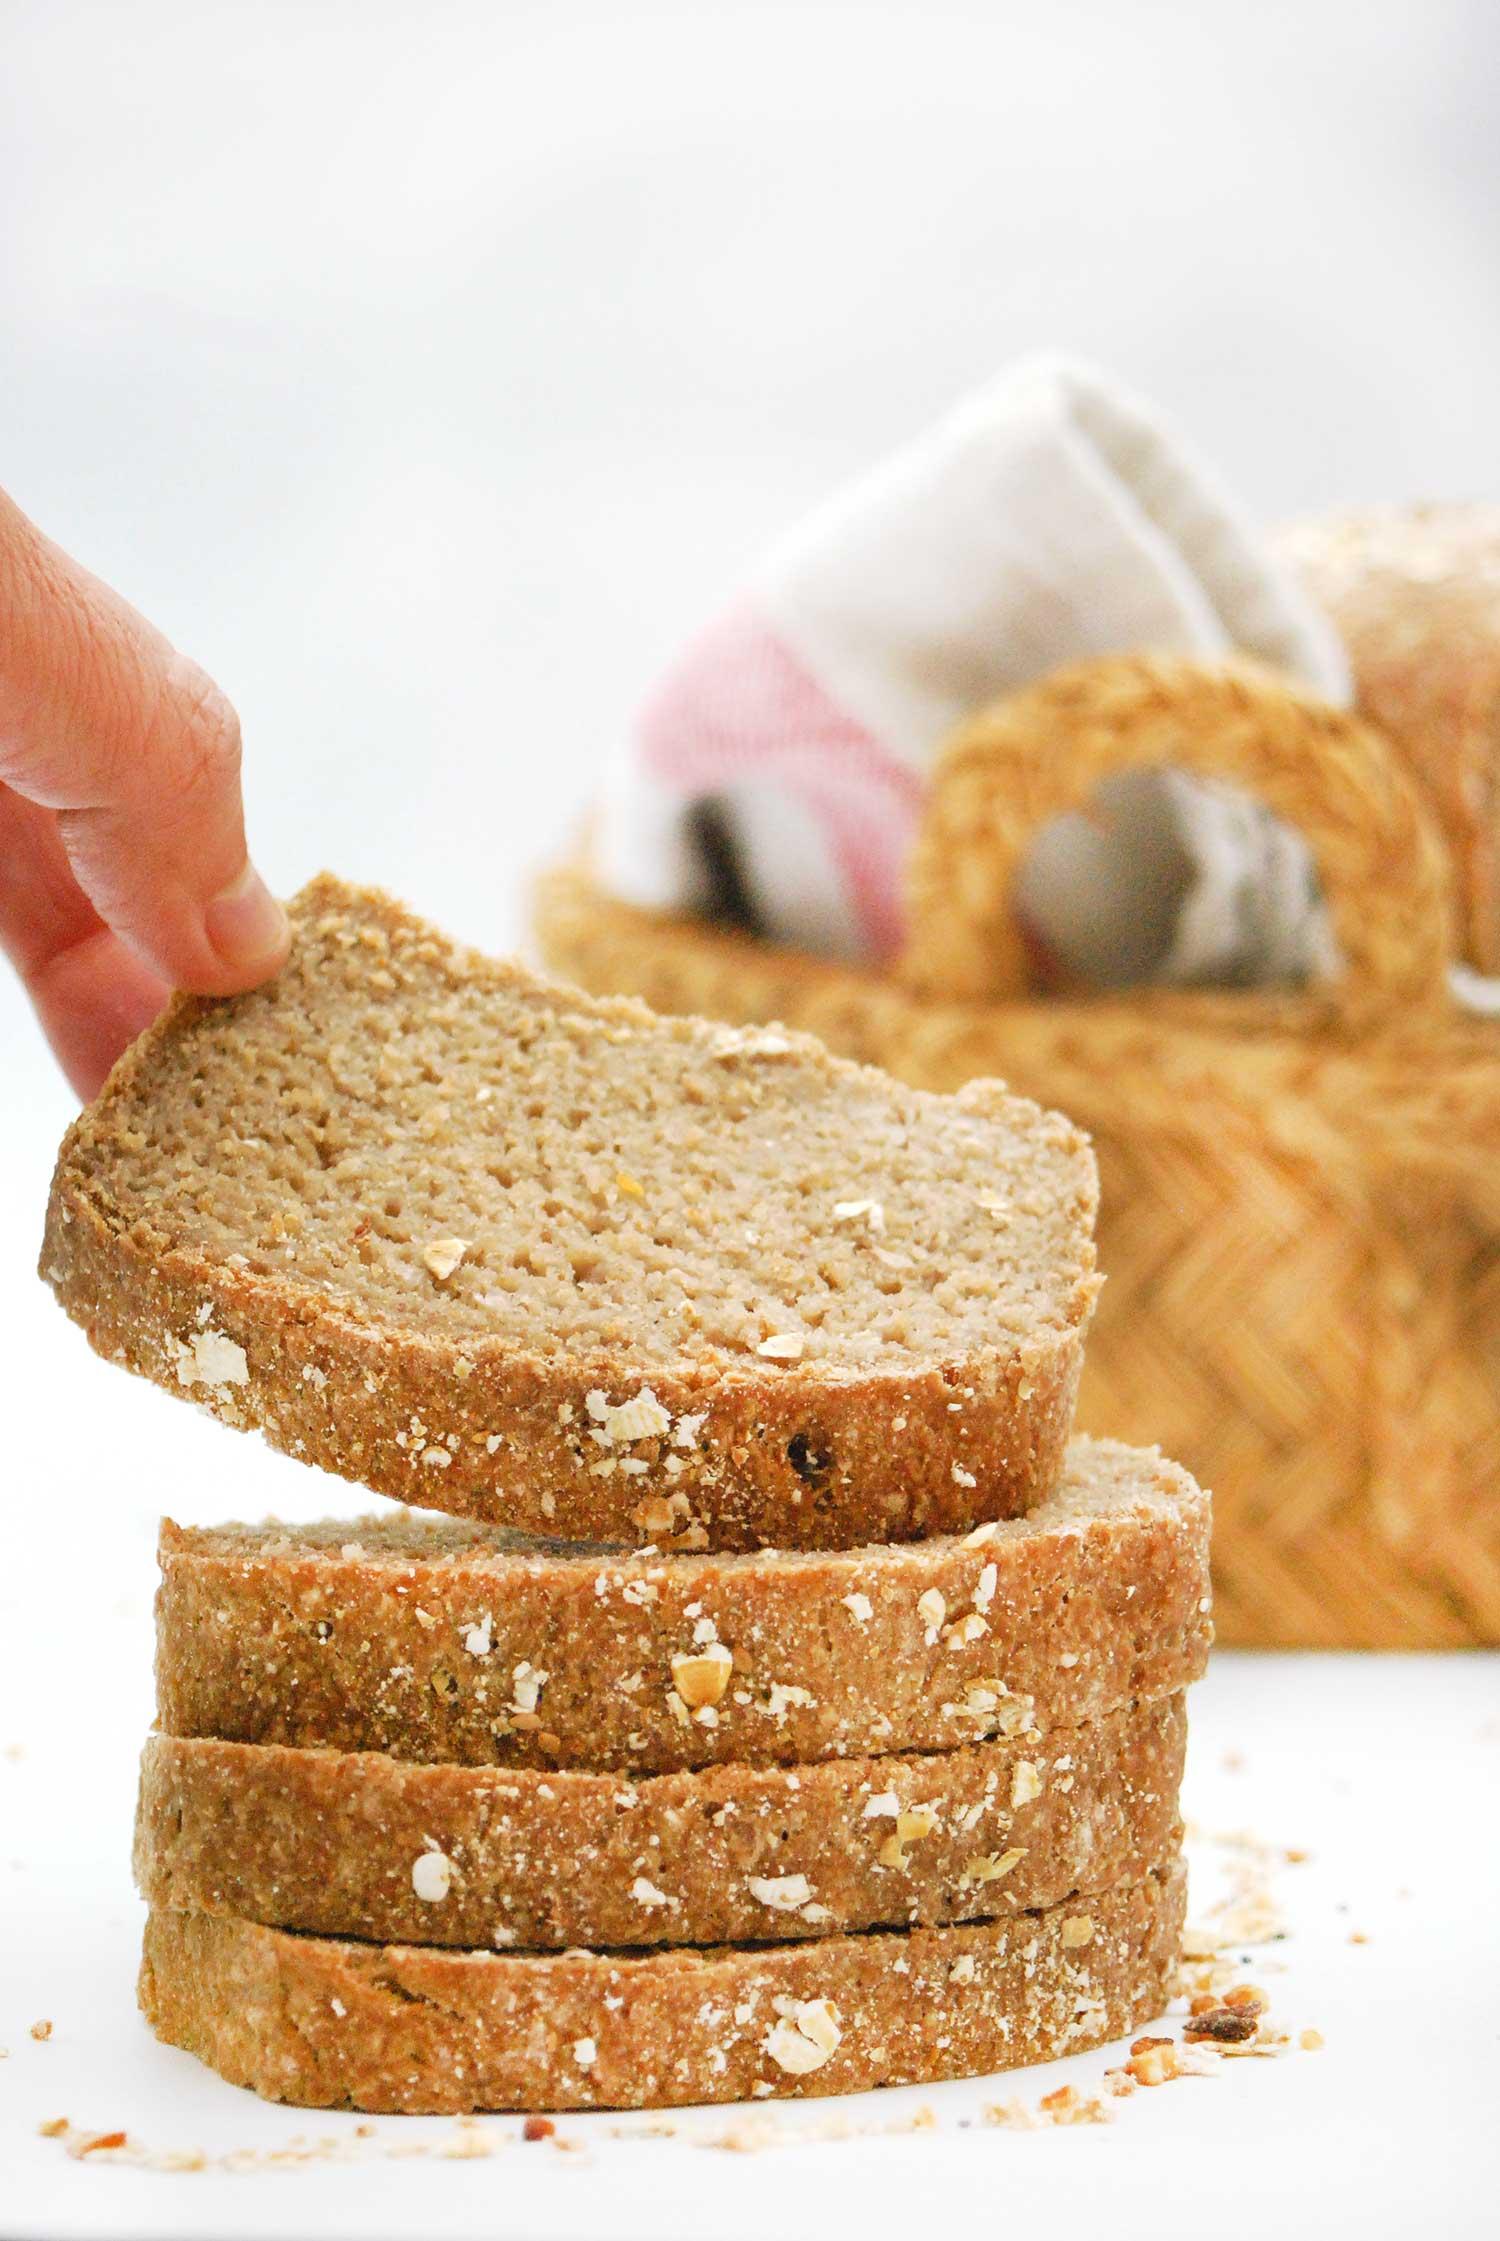 Pan sin gluten delicioso y saludable